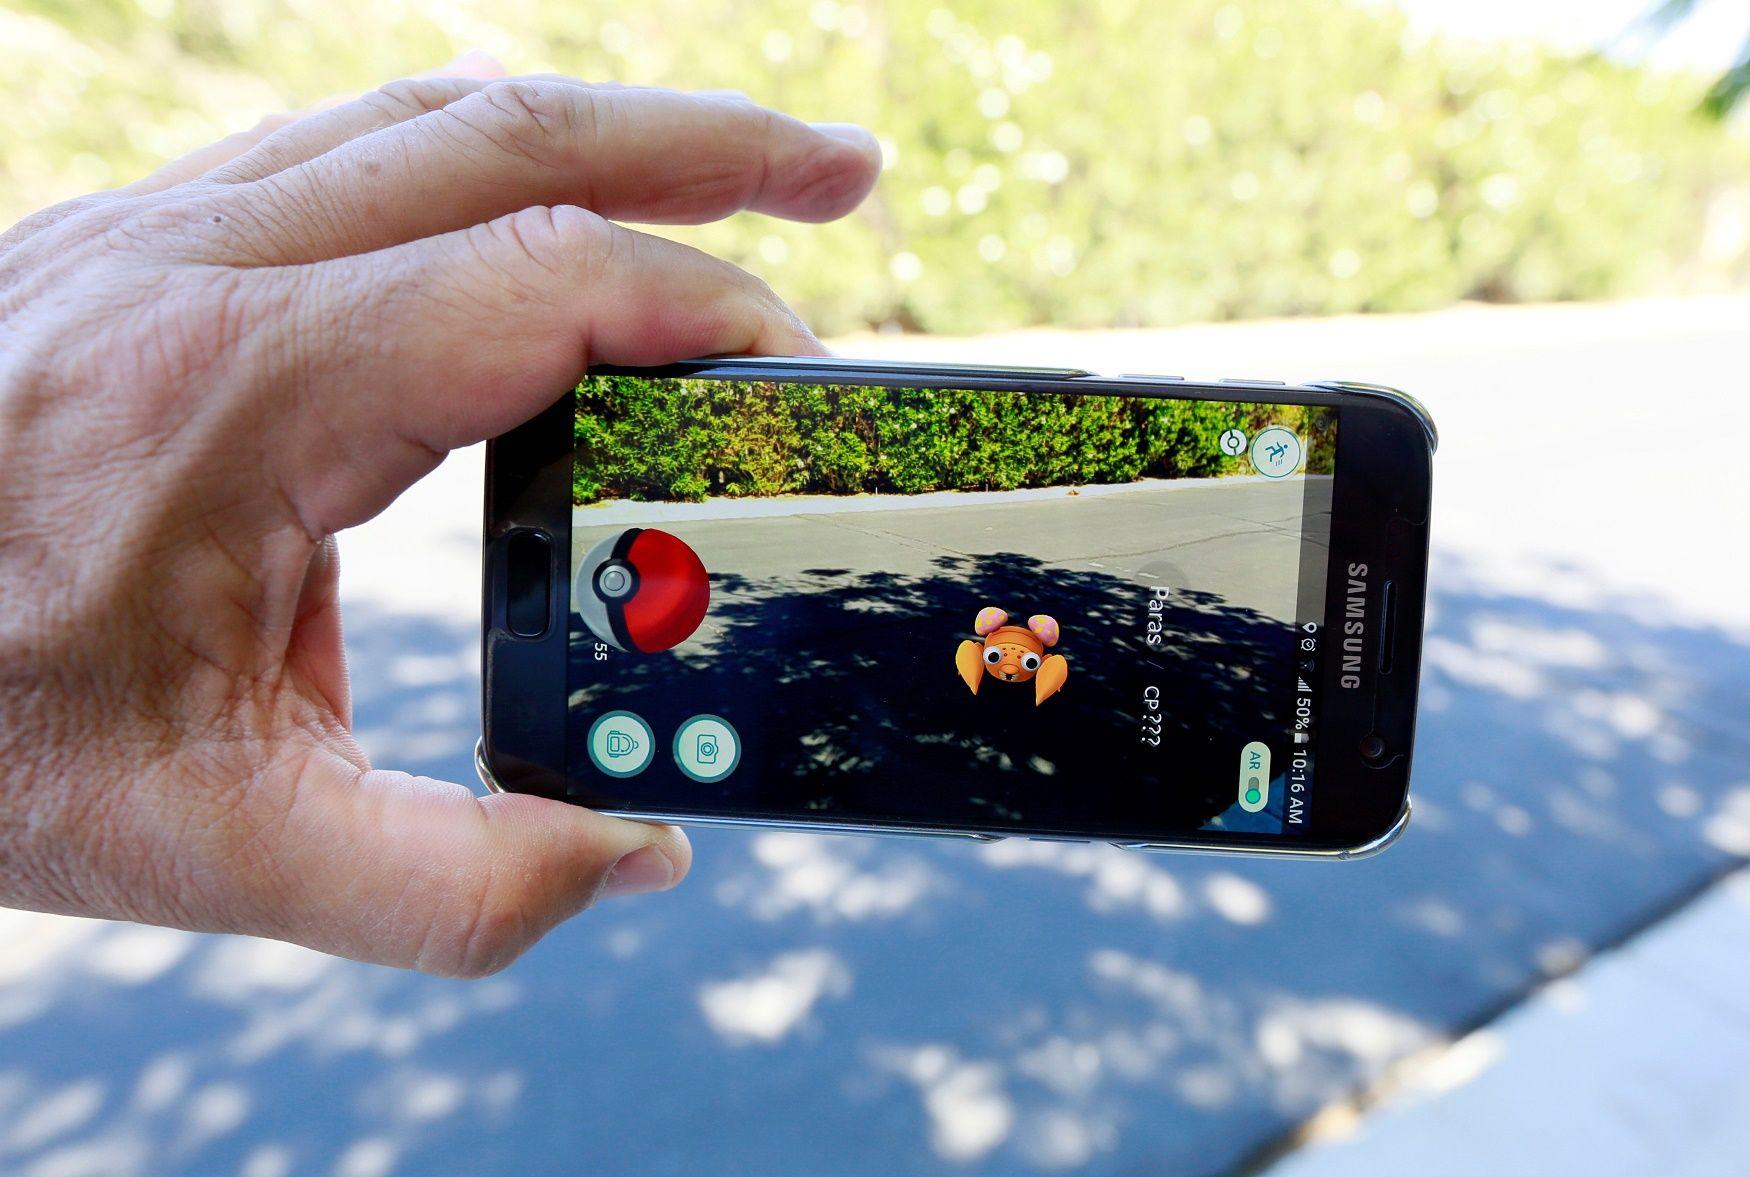 Pokemon go hackers cybersecurity malware